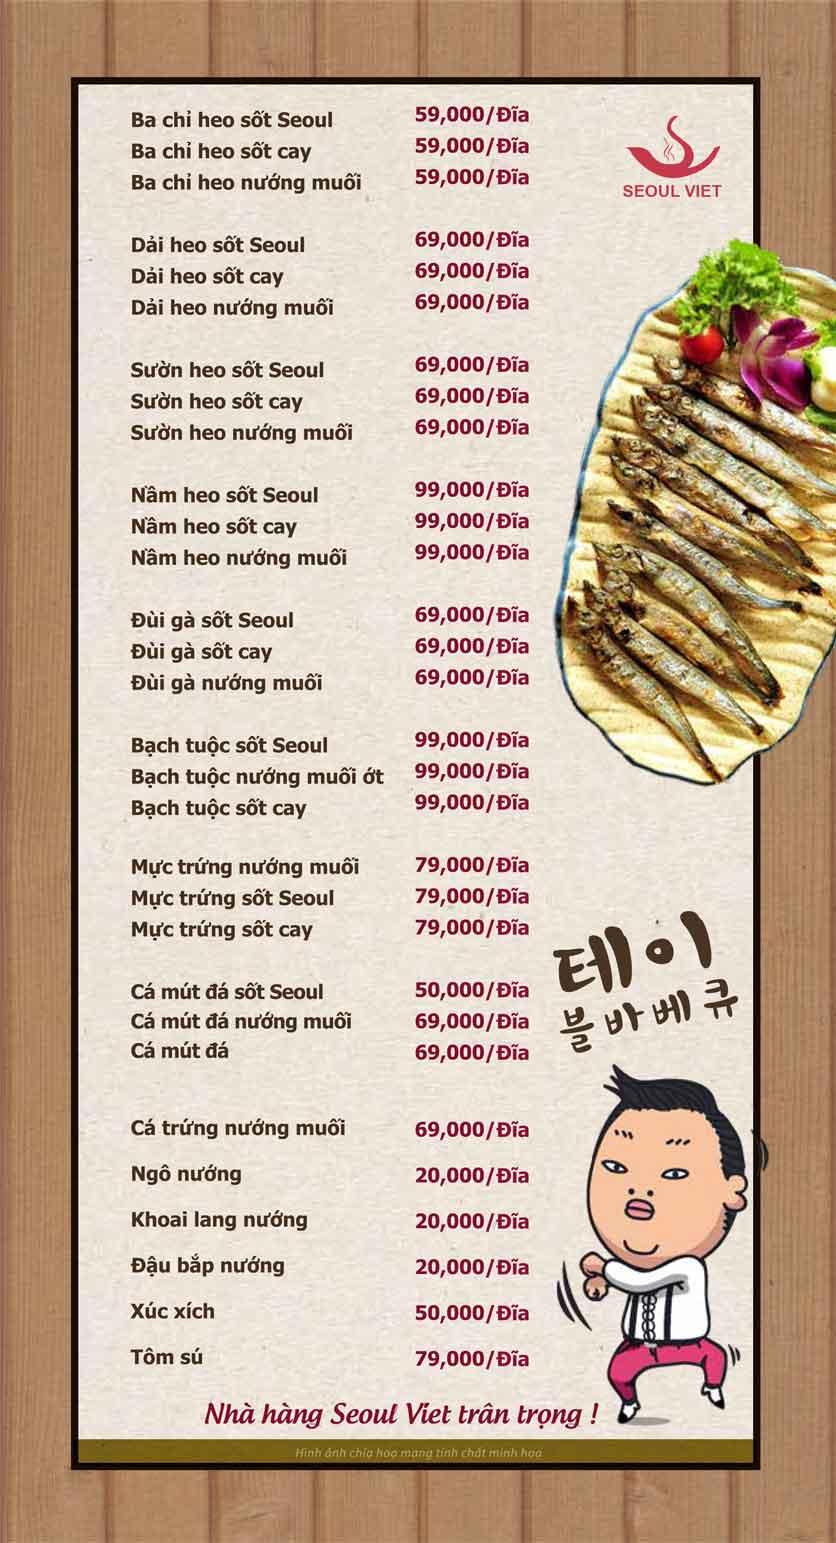 Menu Seoul Viet - Linh Đàm 12